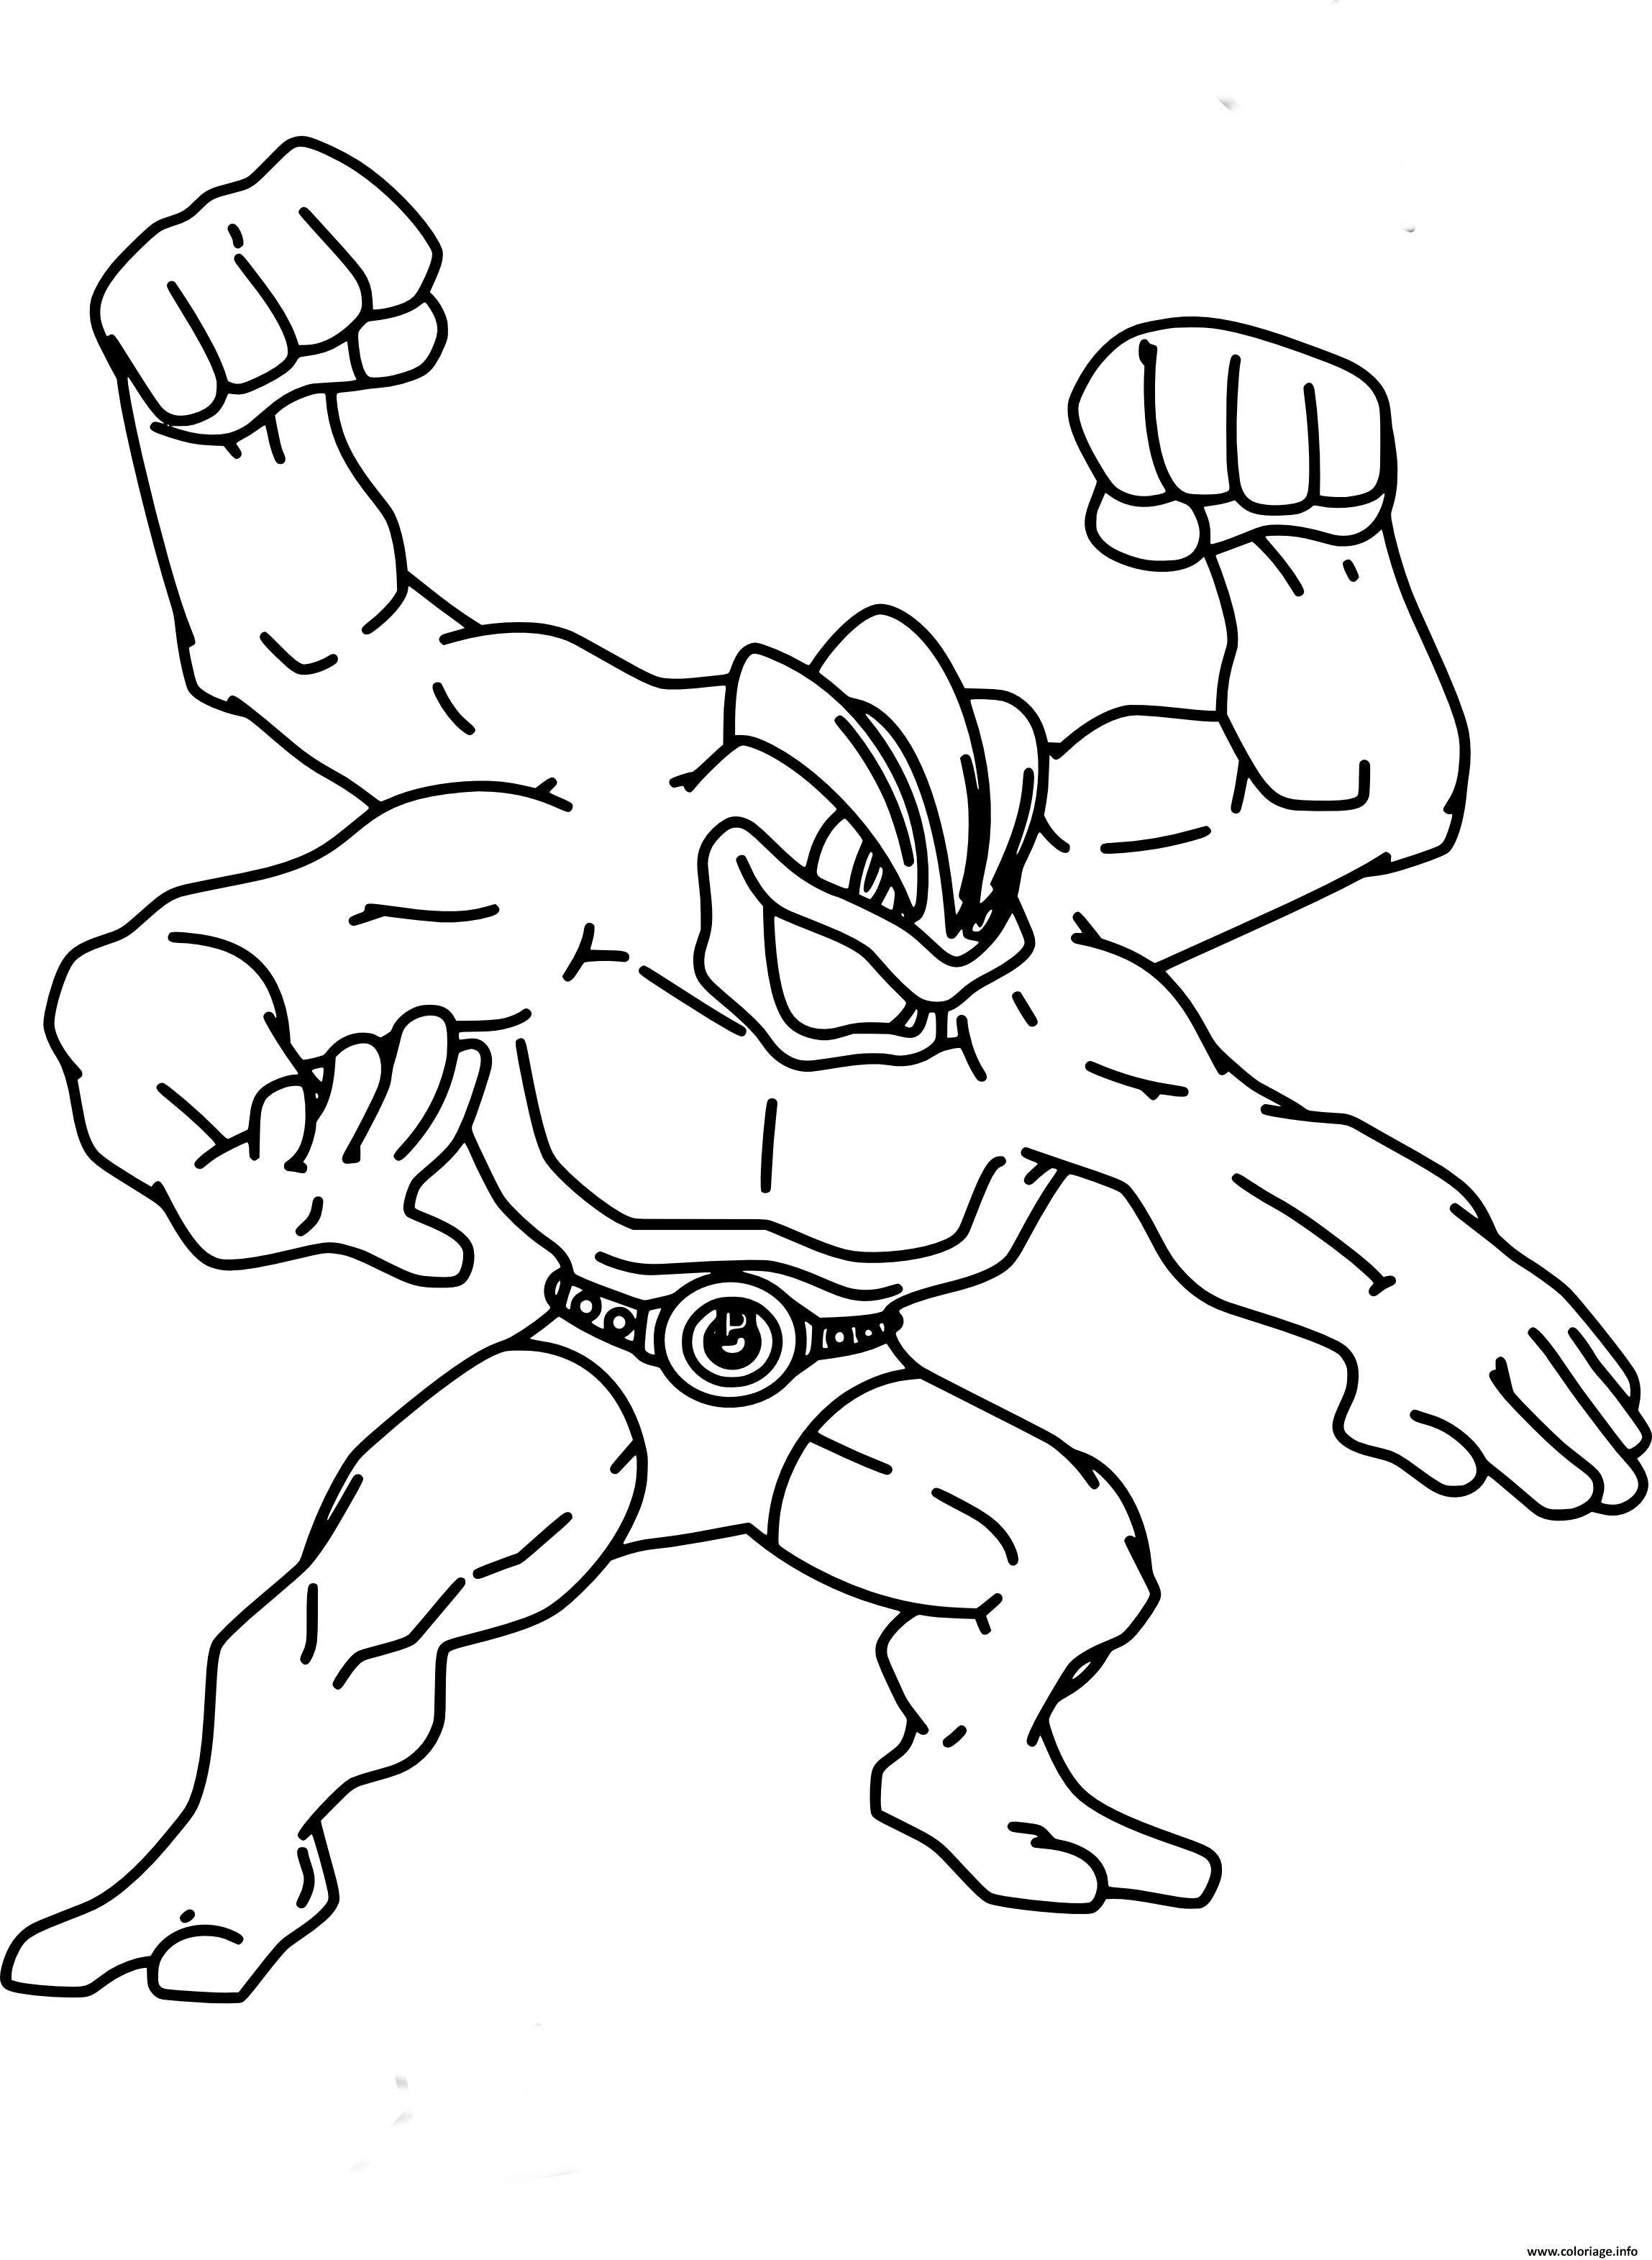 Coloriage pokemon noir et blanc dessin imprimer 1 - Dessin noir et blanc ...